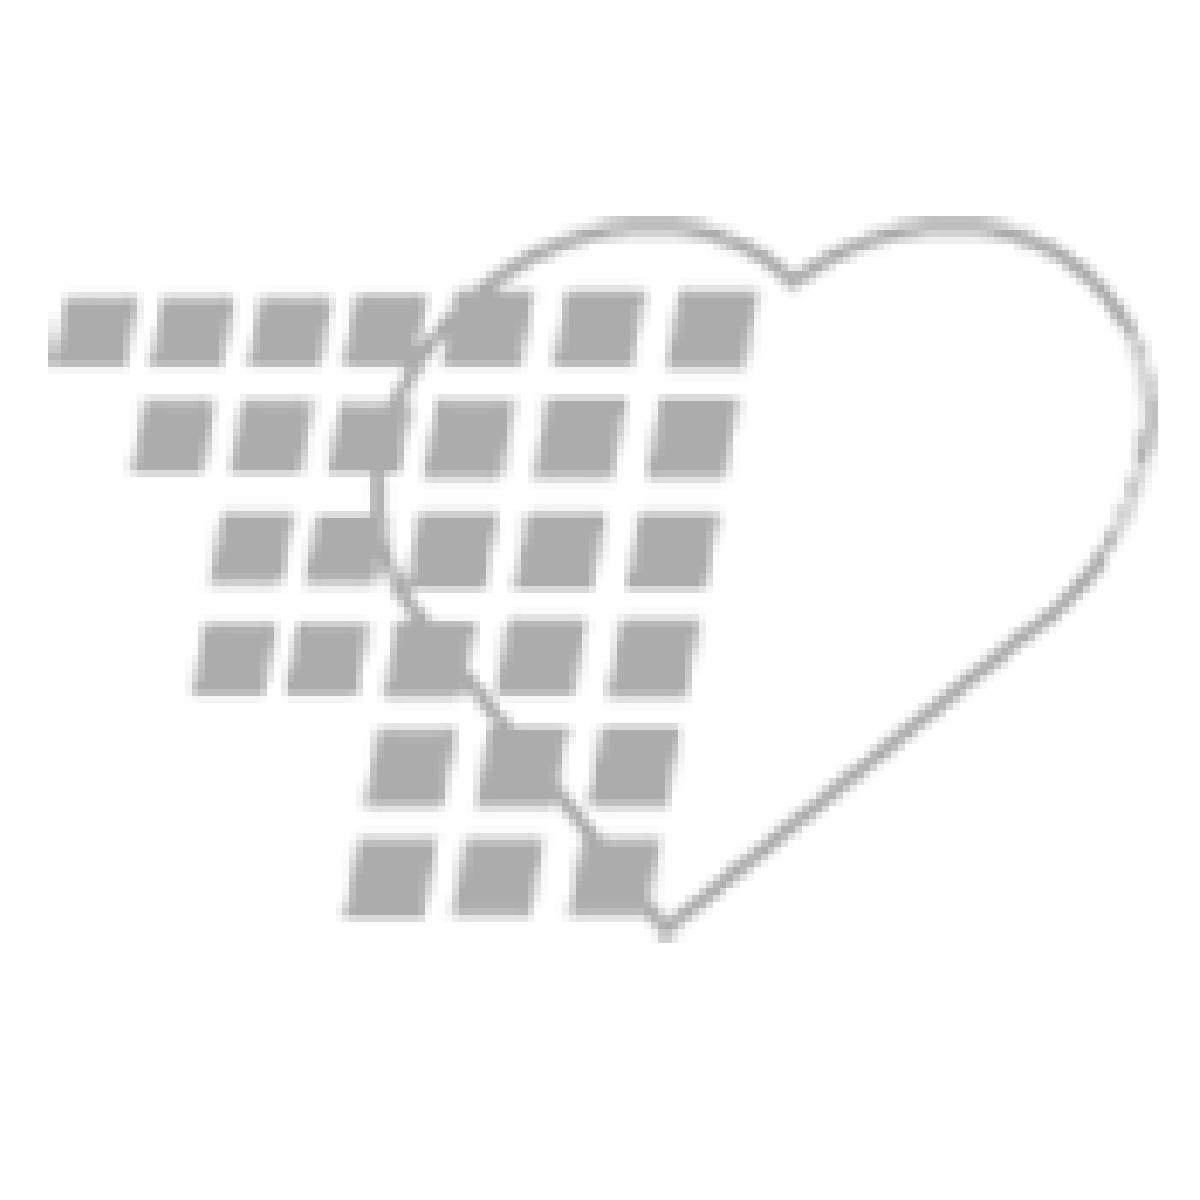 02-43-0800 - Zoll® CPR-D-Padz Elecrodes